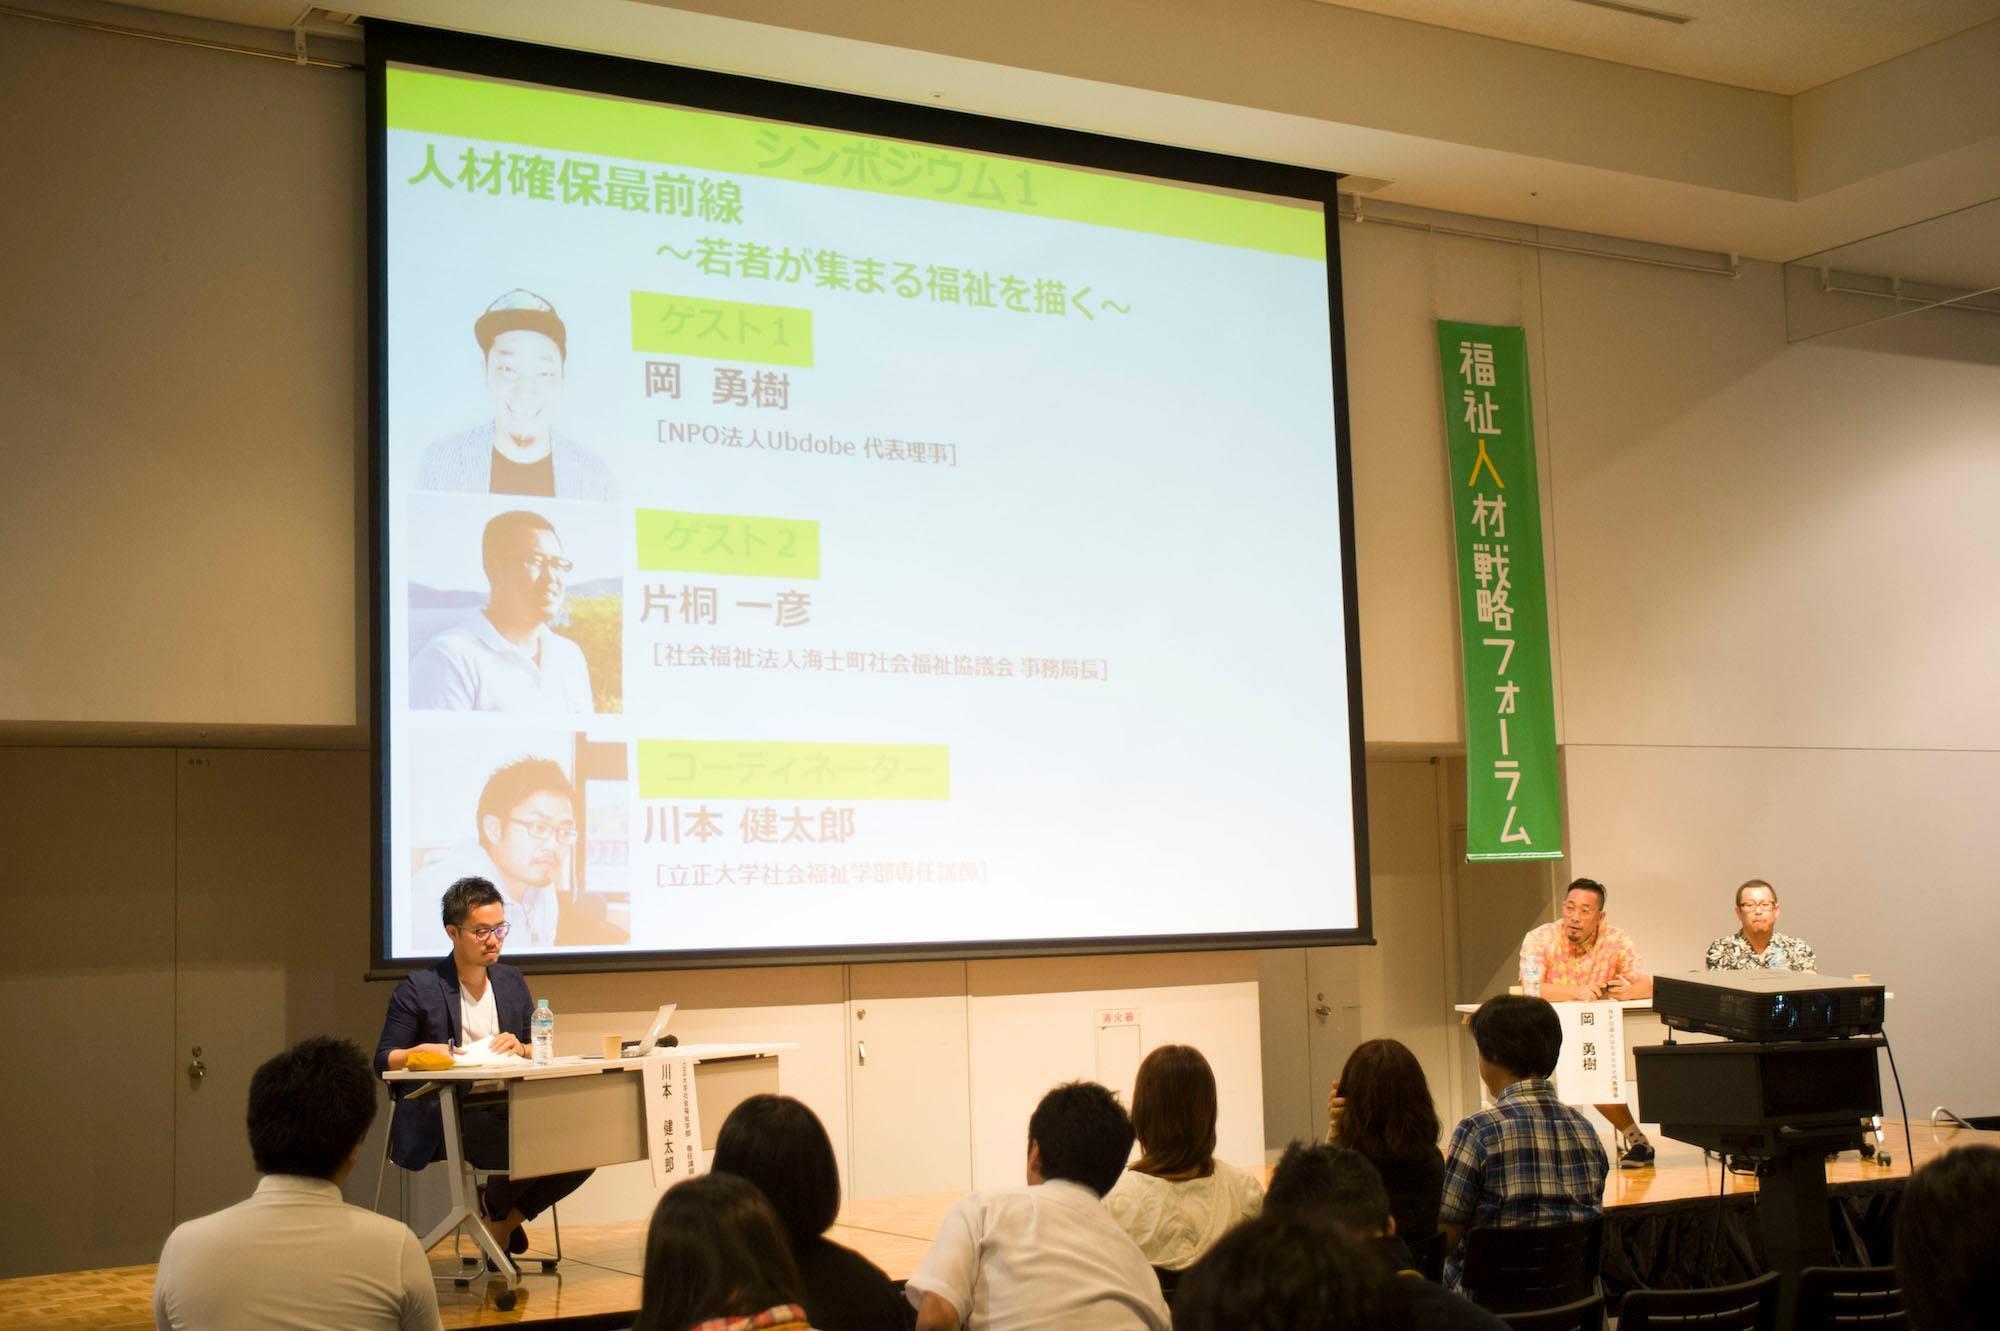 仕事は社会の問題を解決するチャレンジ、手段は「福祉」。若者と福祉を繋ぐ、FACE to FUKUSHIの挑戦。